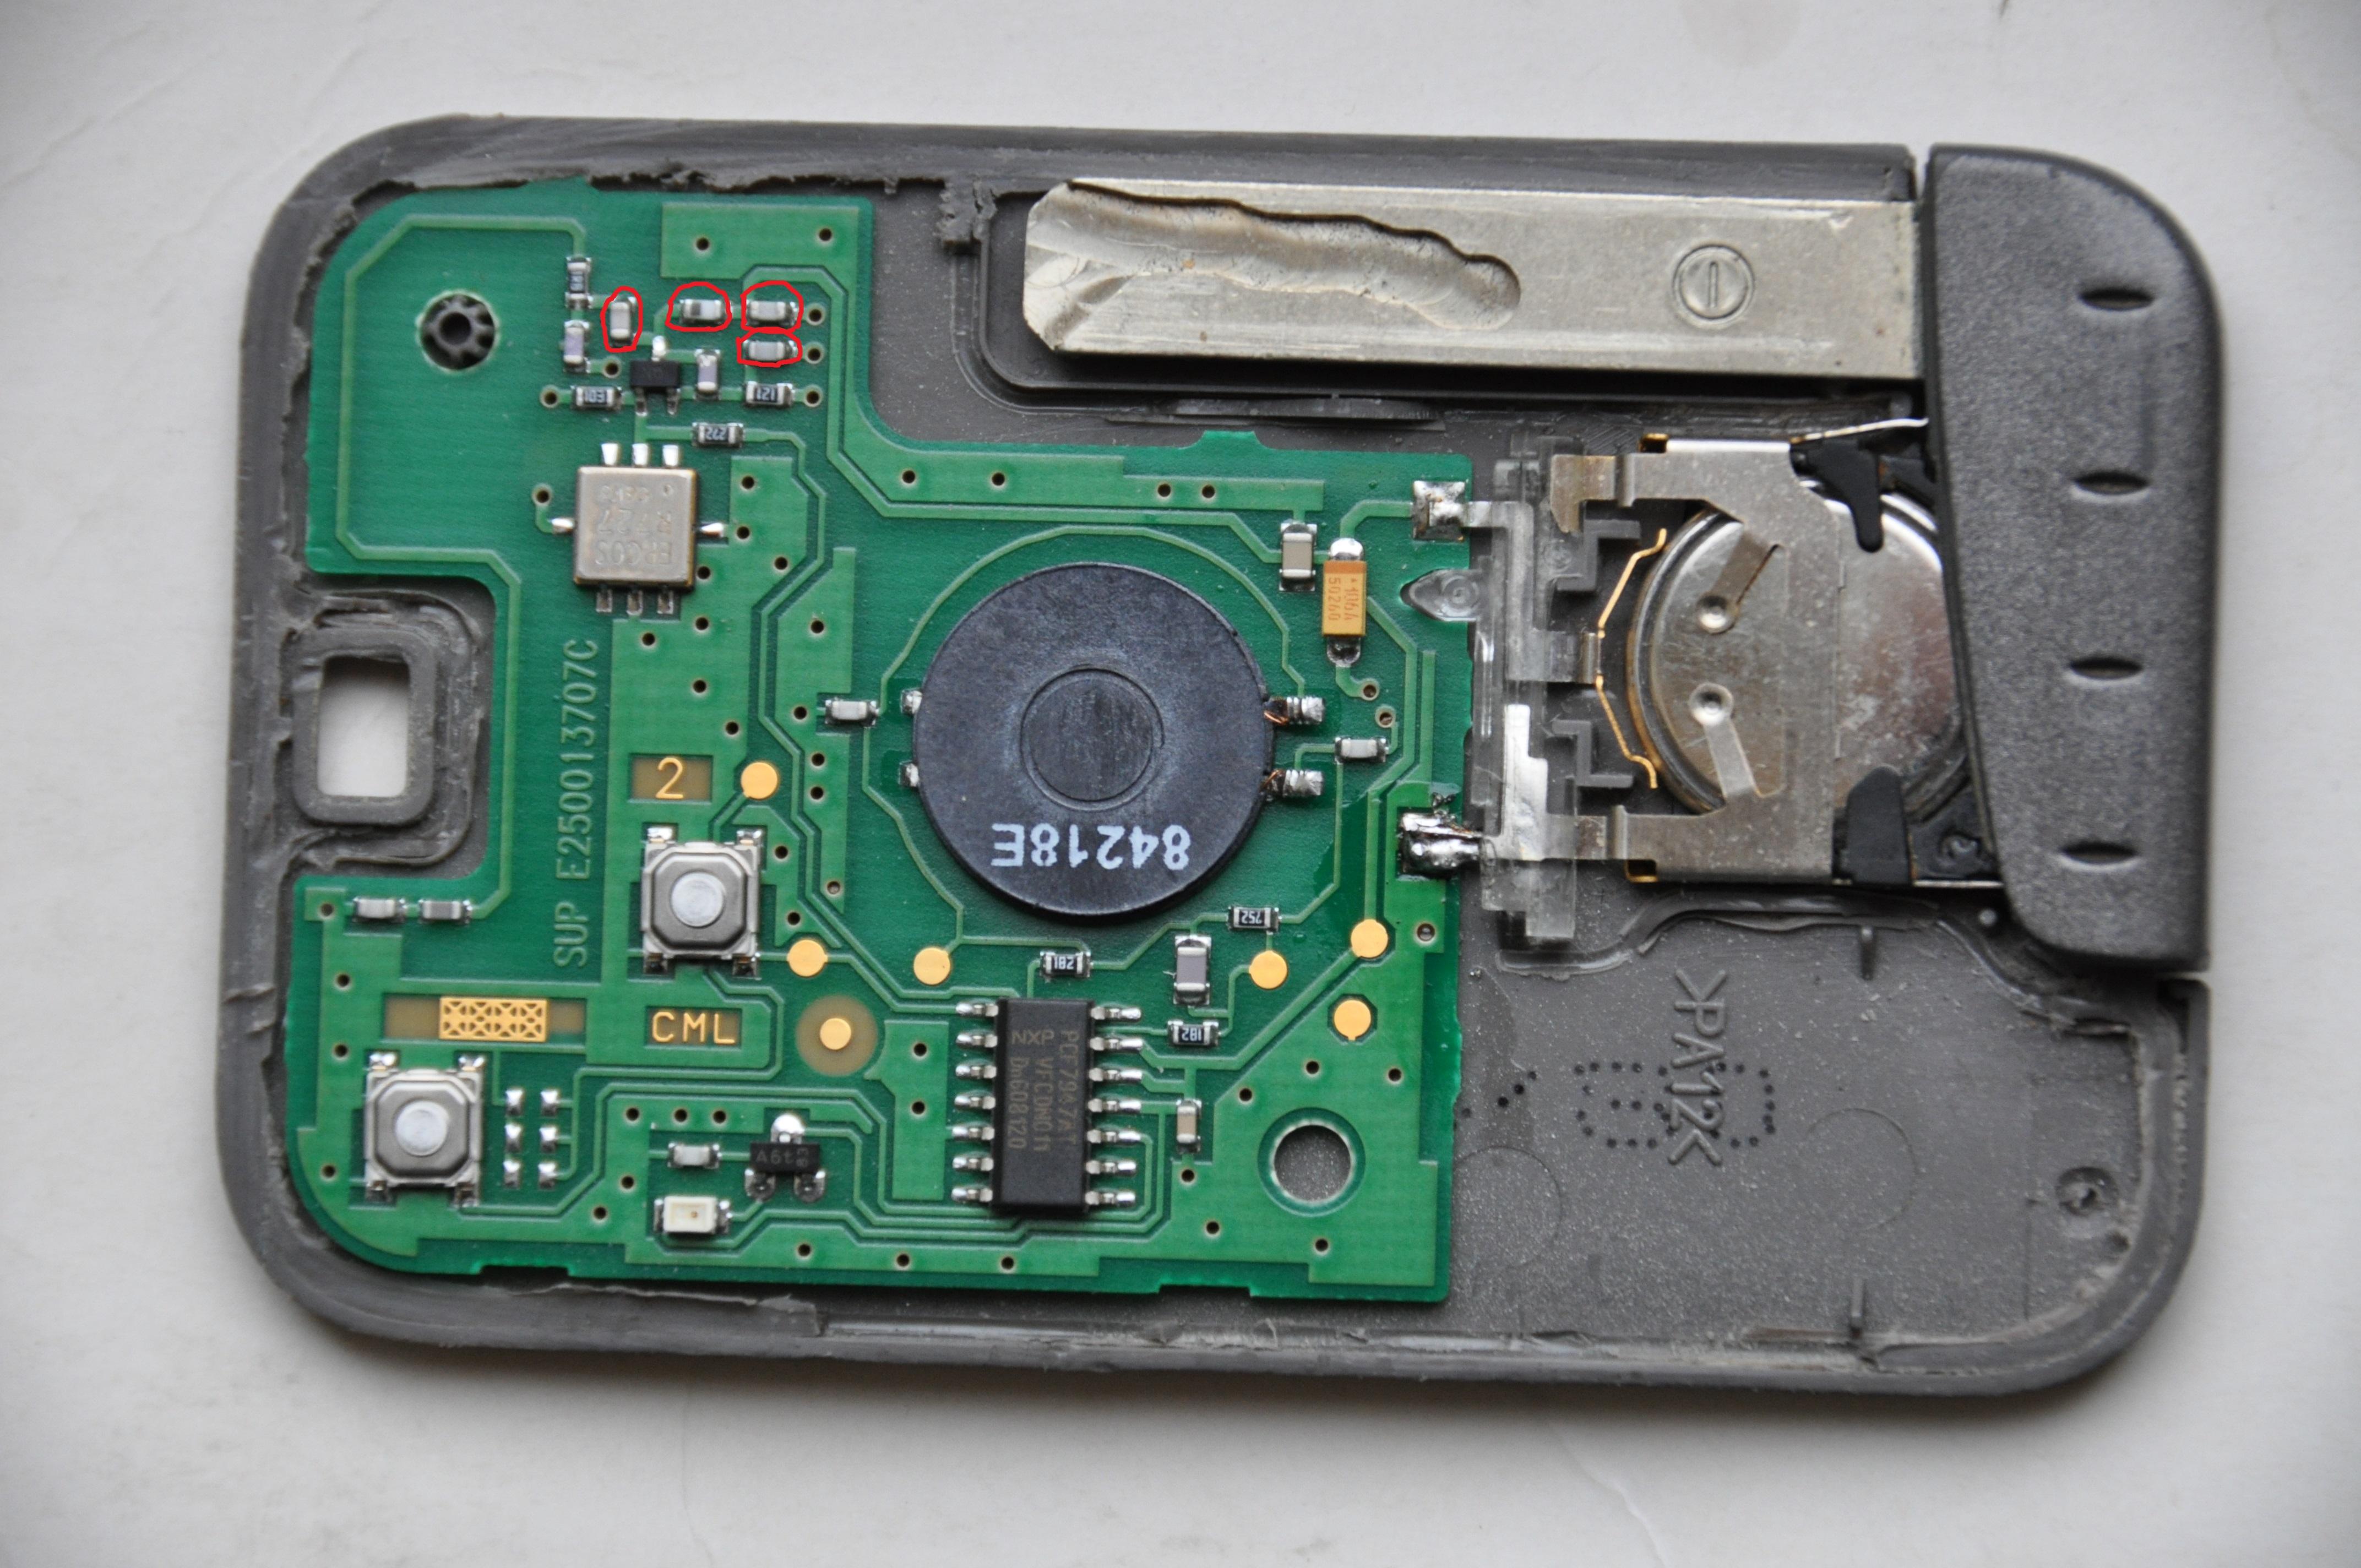 renault laguna 1,9 DCI  - uszkodzone elementy karty